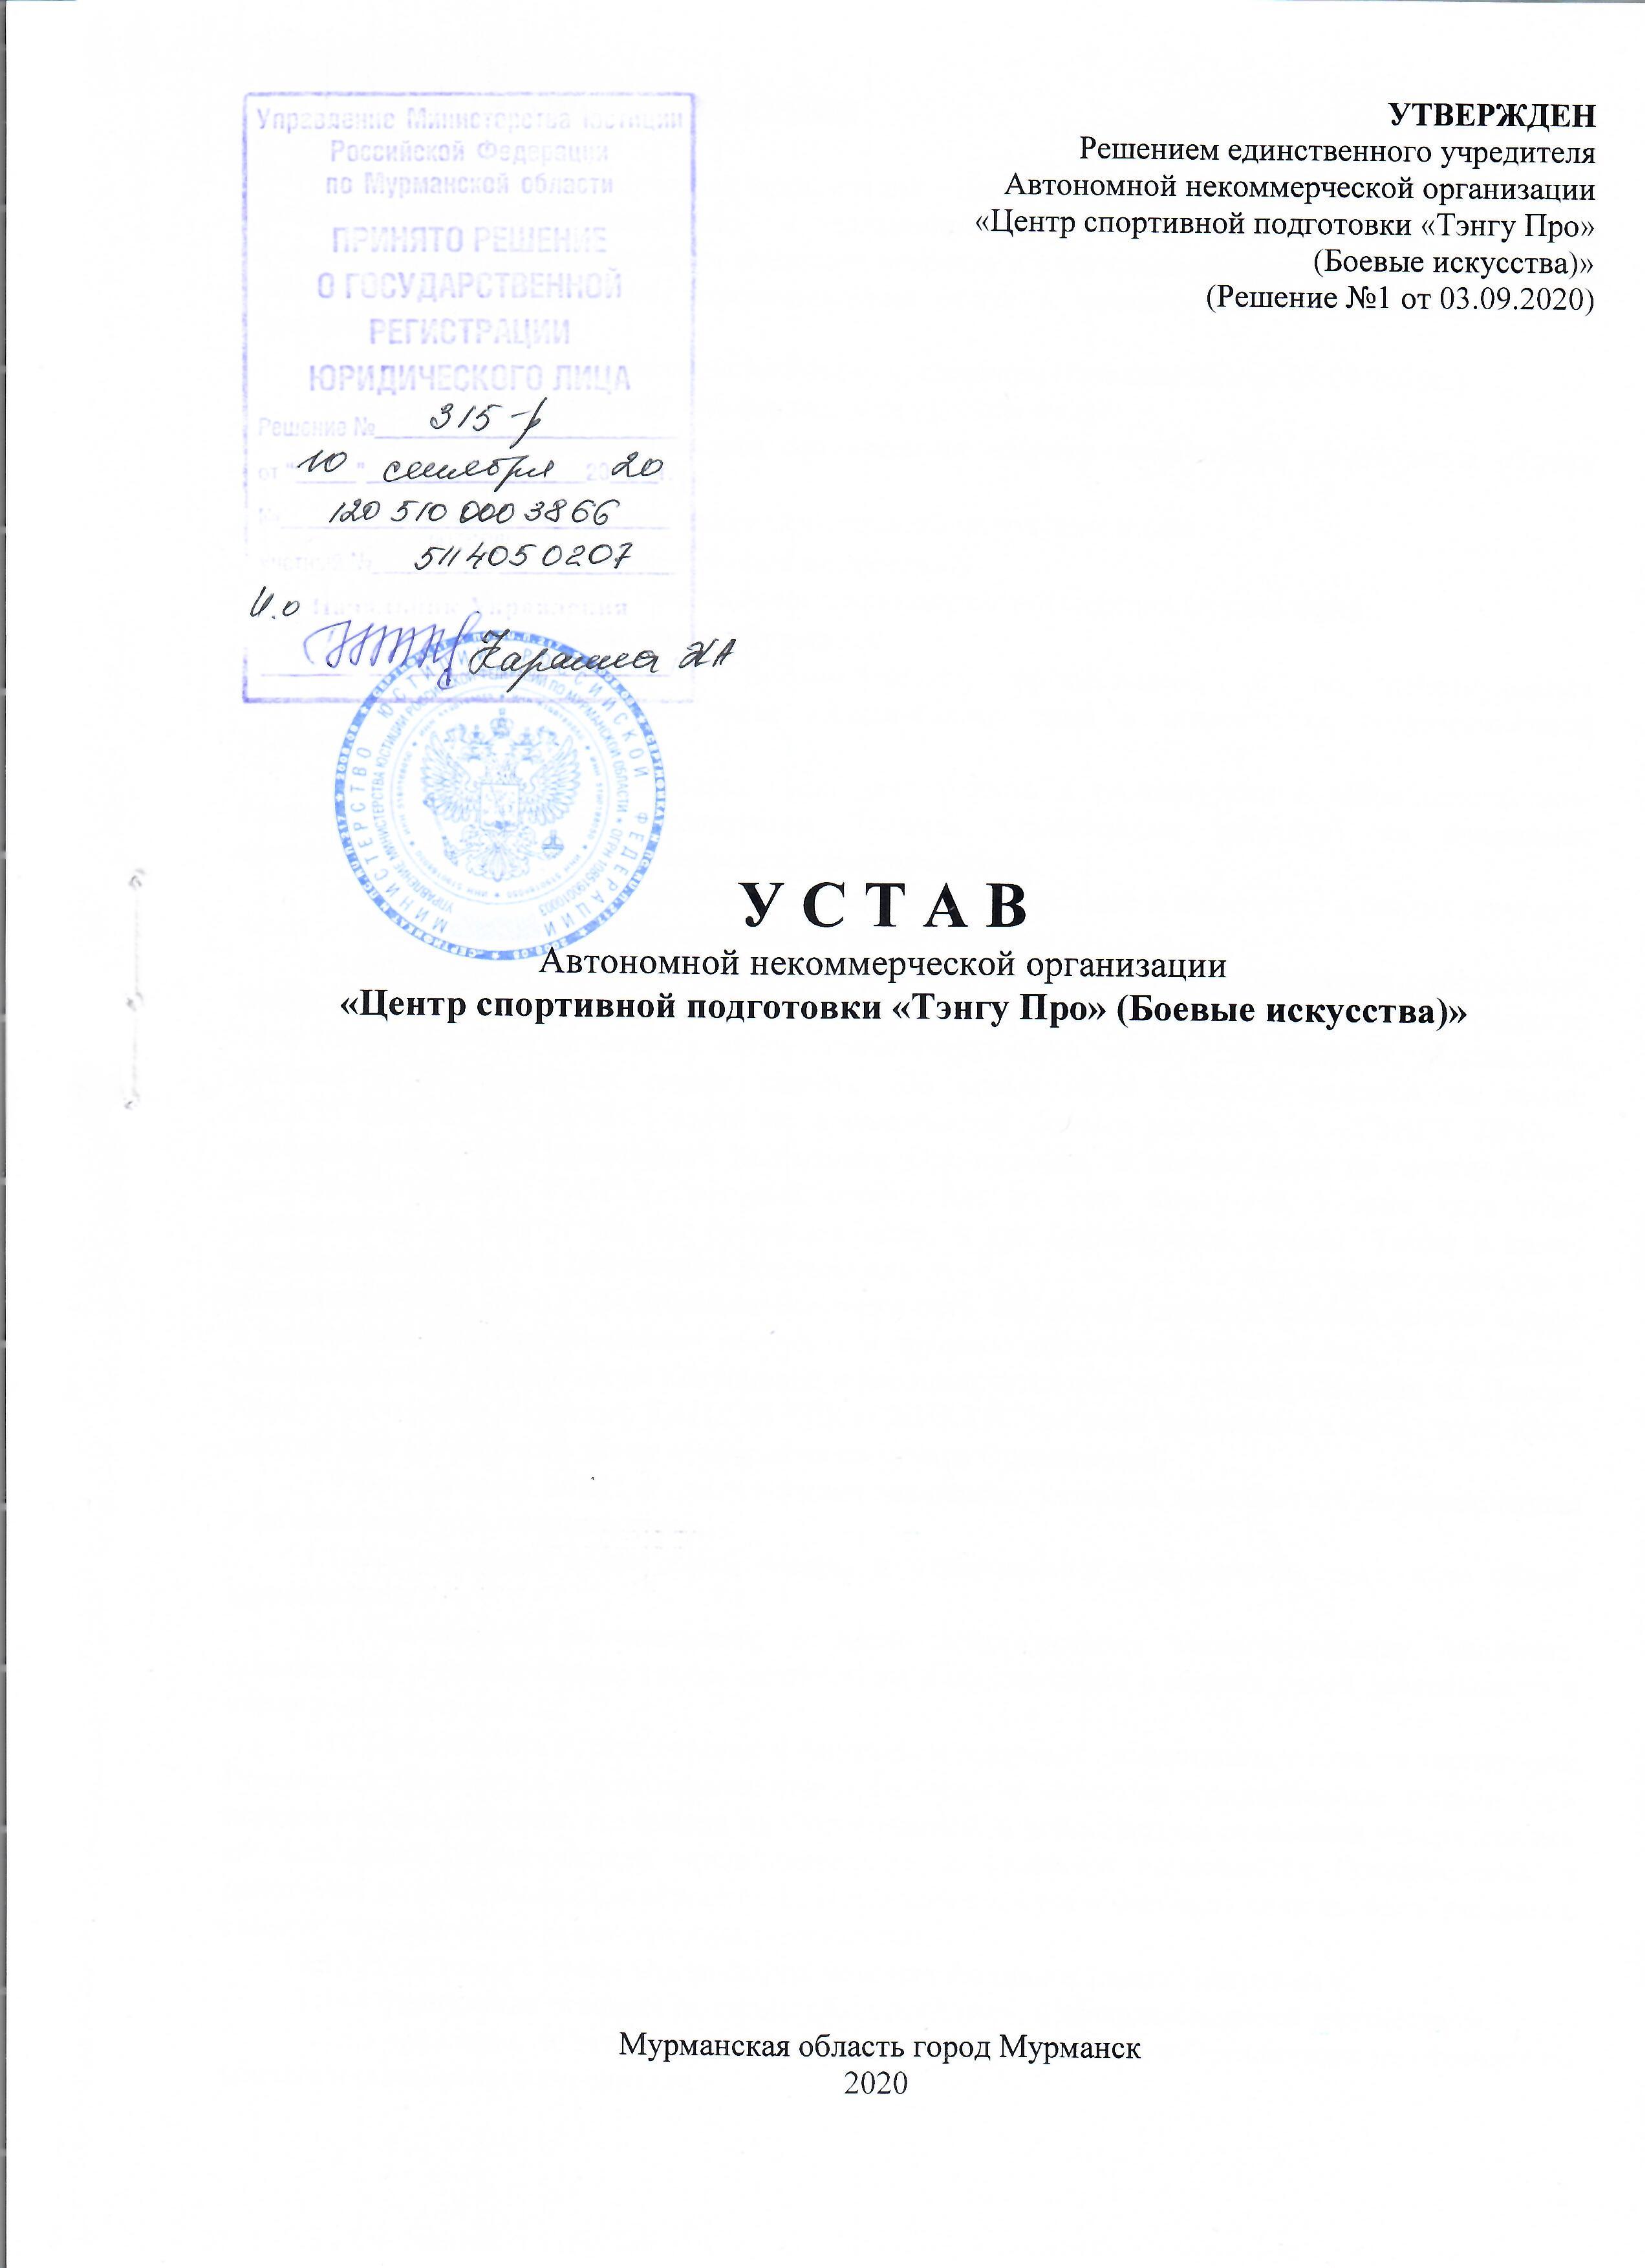 Устав АНО ЦСП Тэнгу Про 1